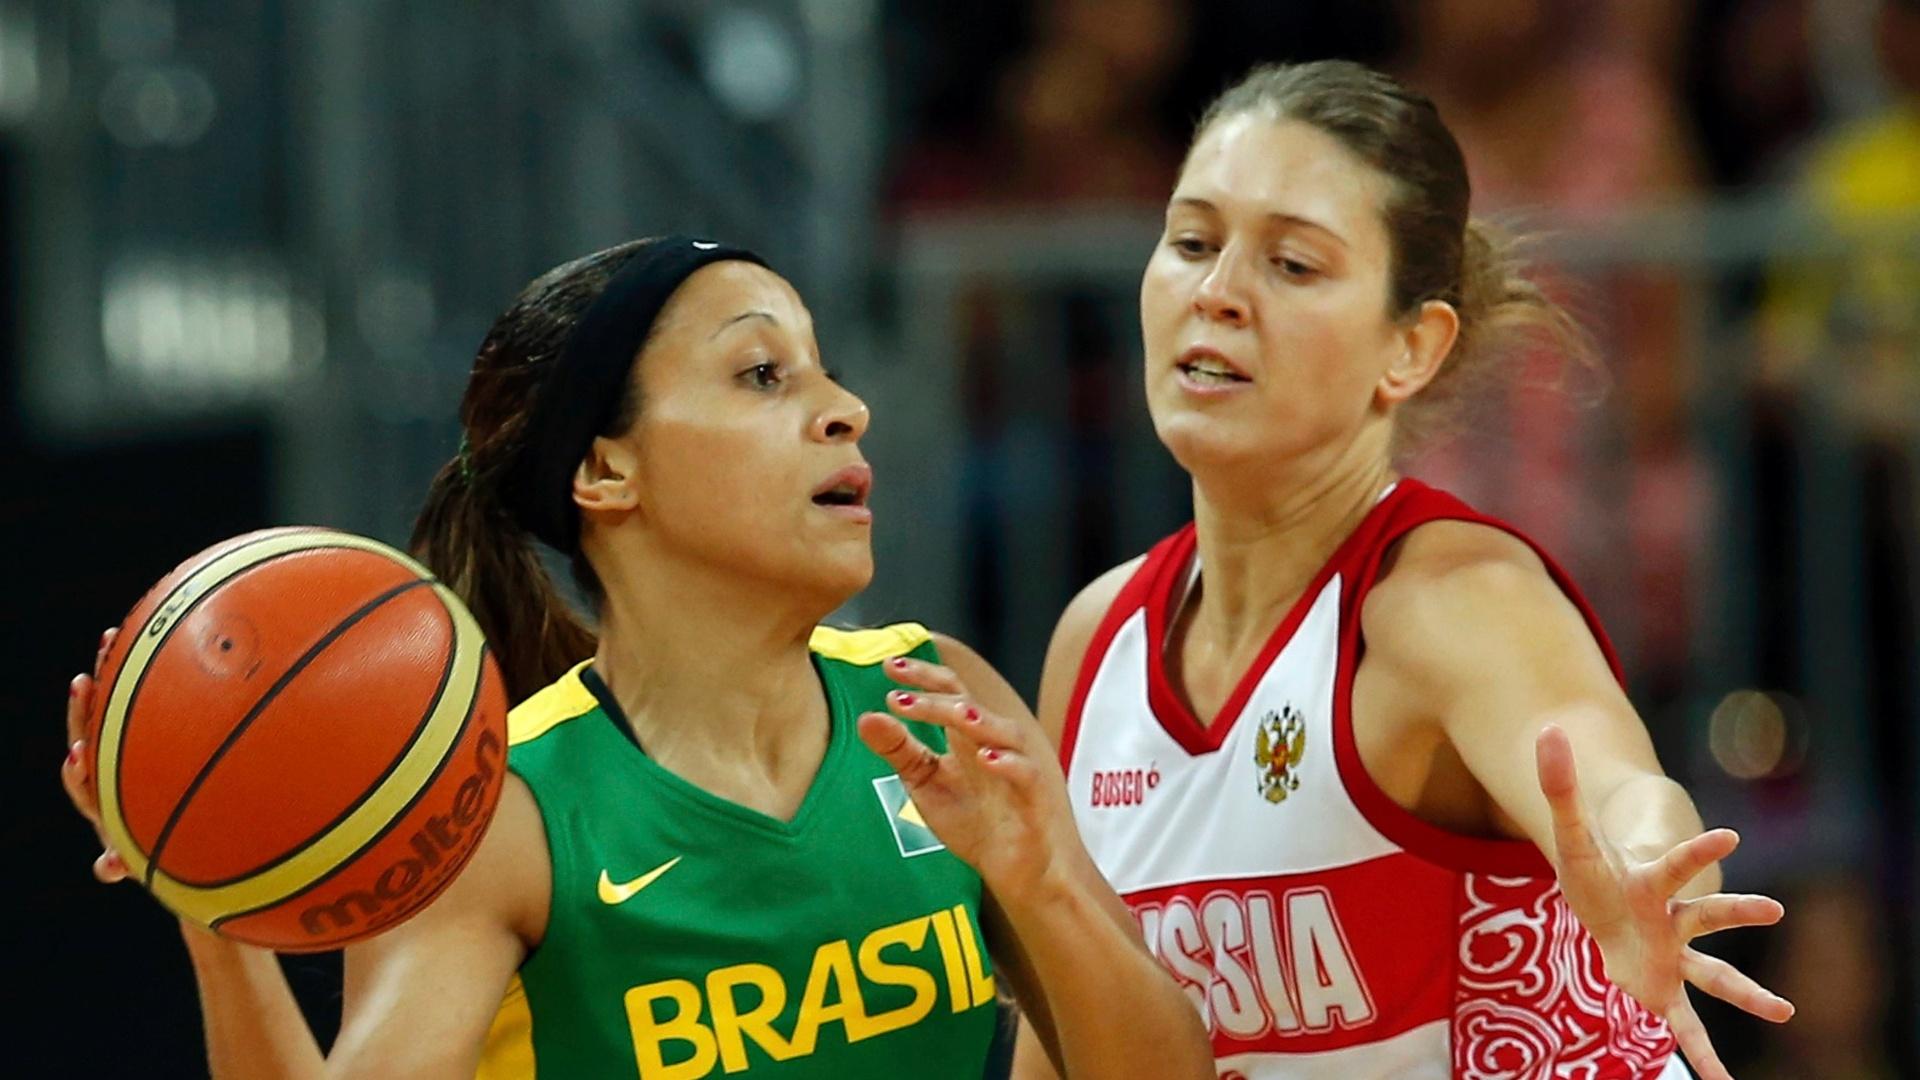 adriana-tenta-passar-pela-marcacao-de-atleta-da-russia-em-segunda-rodada-do-basquete-feminino-1343667269546_1920x1080